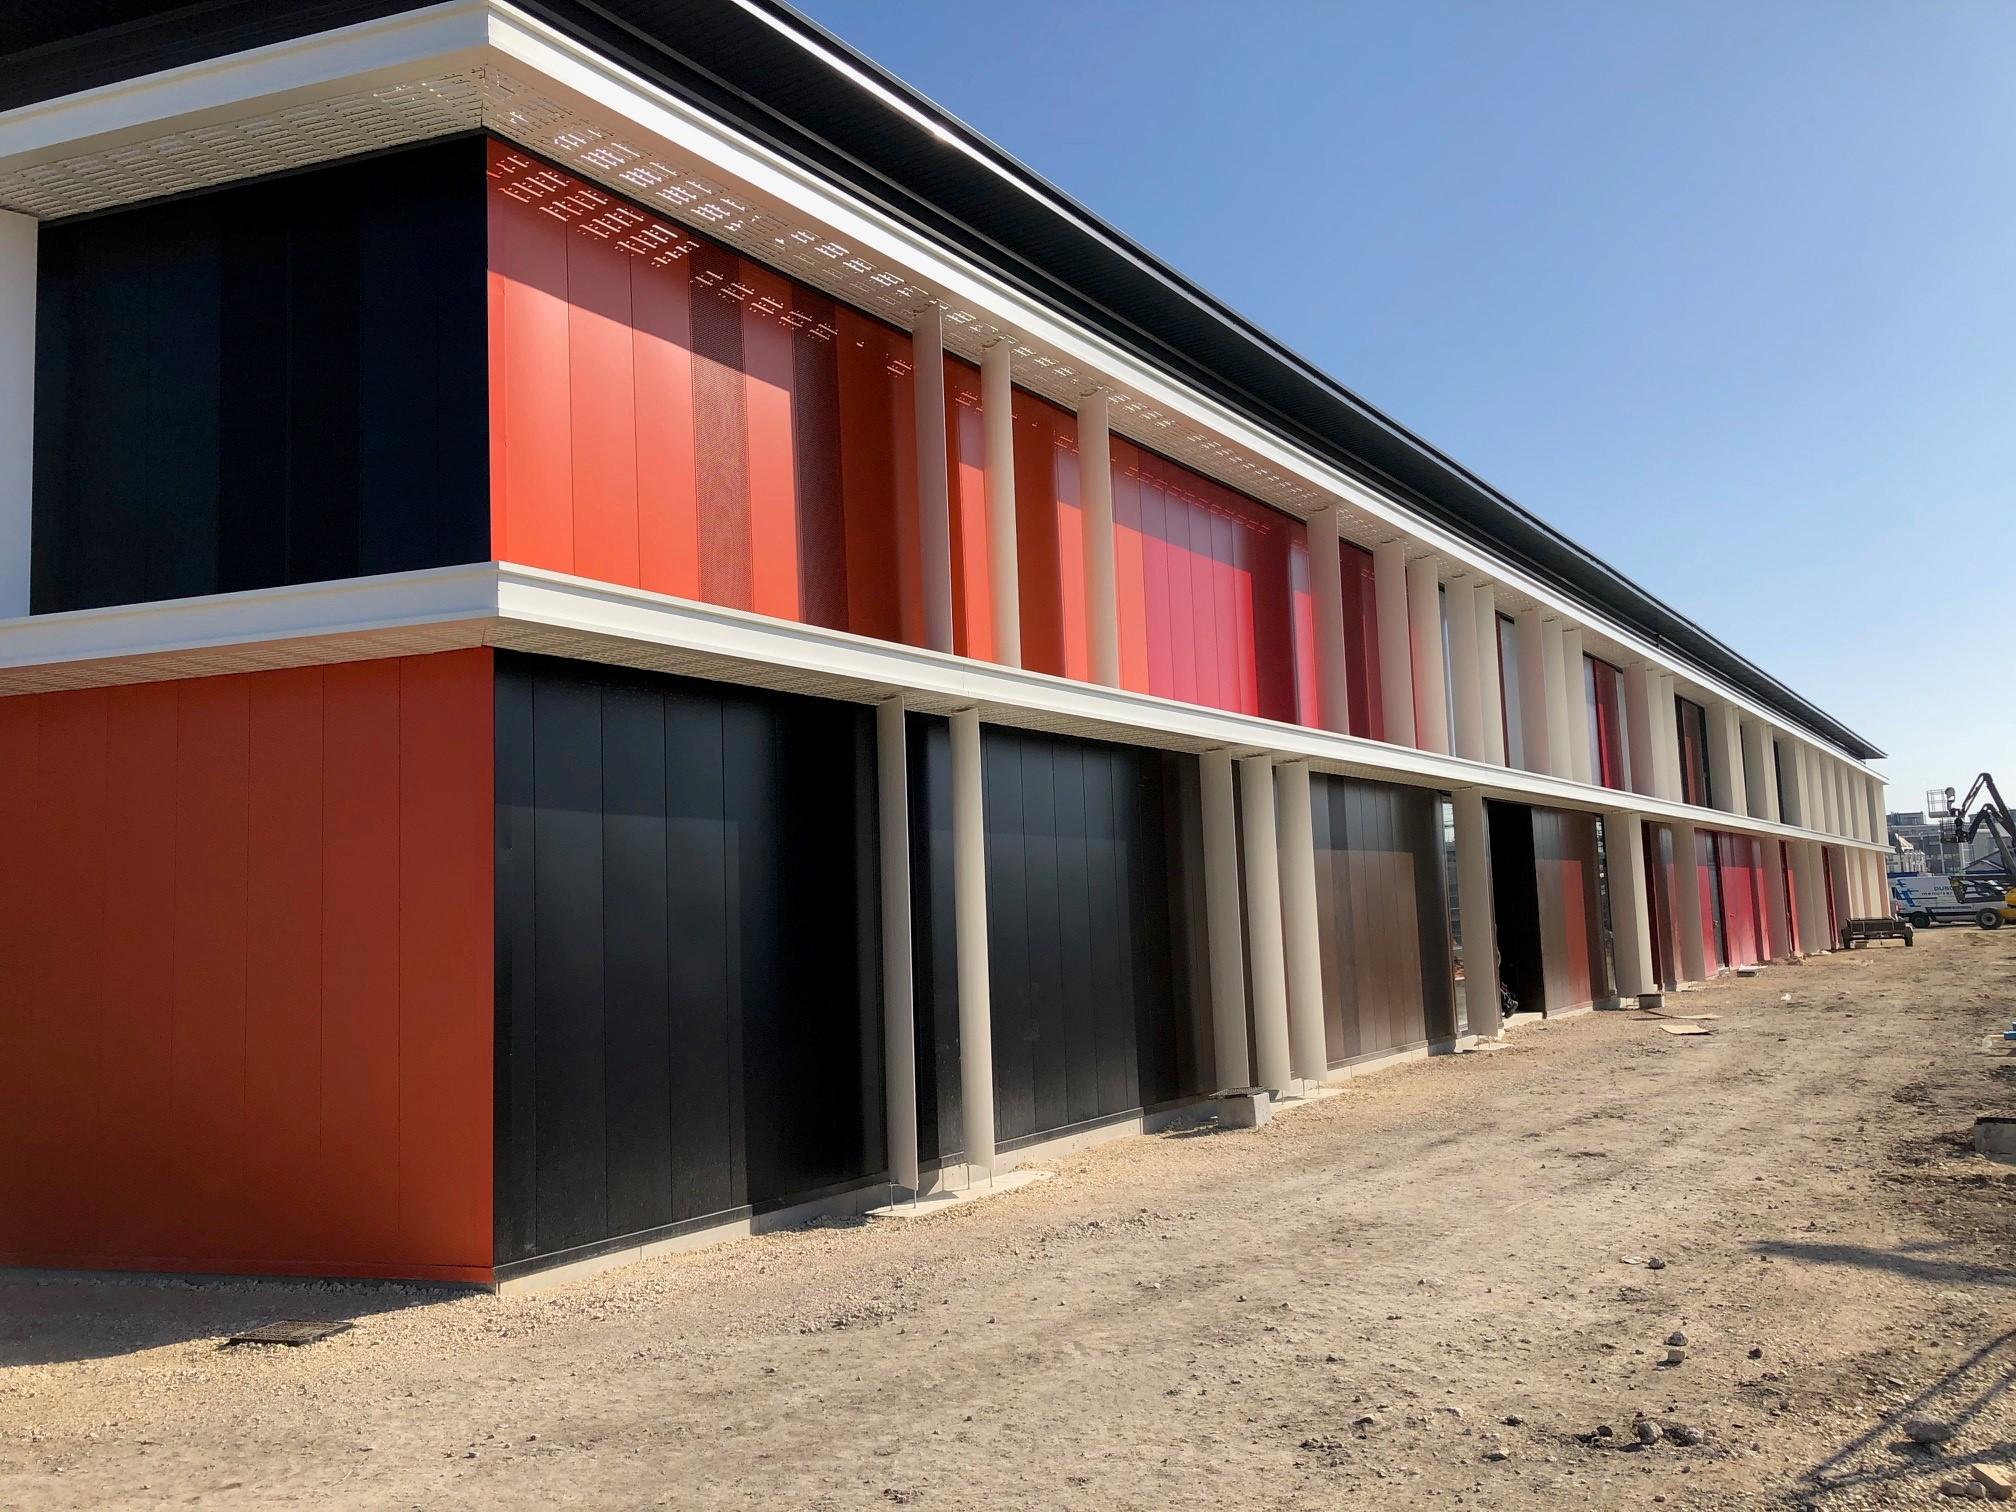 Réalisation d'une façade par l'équipe SMAC BLOIS